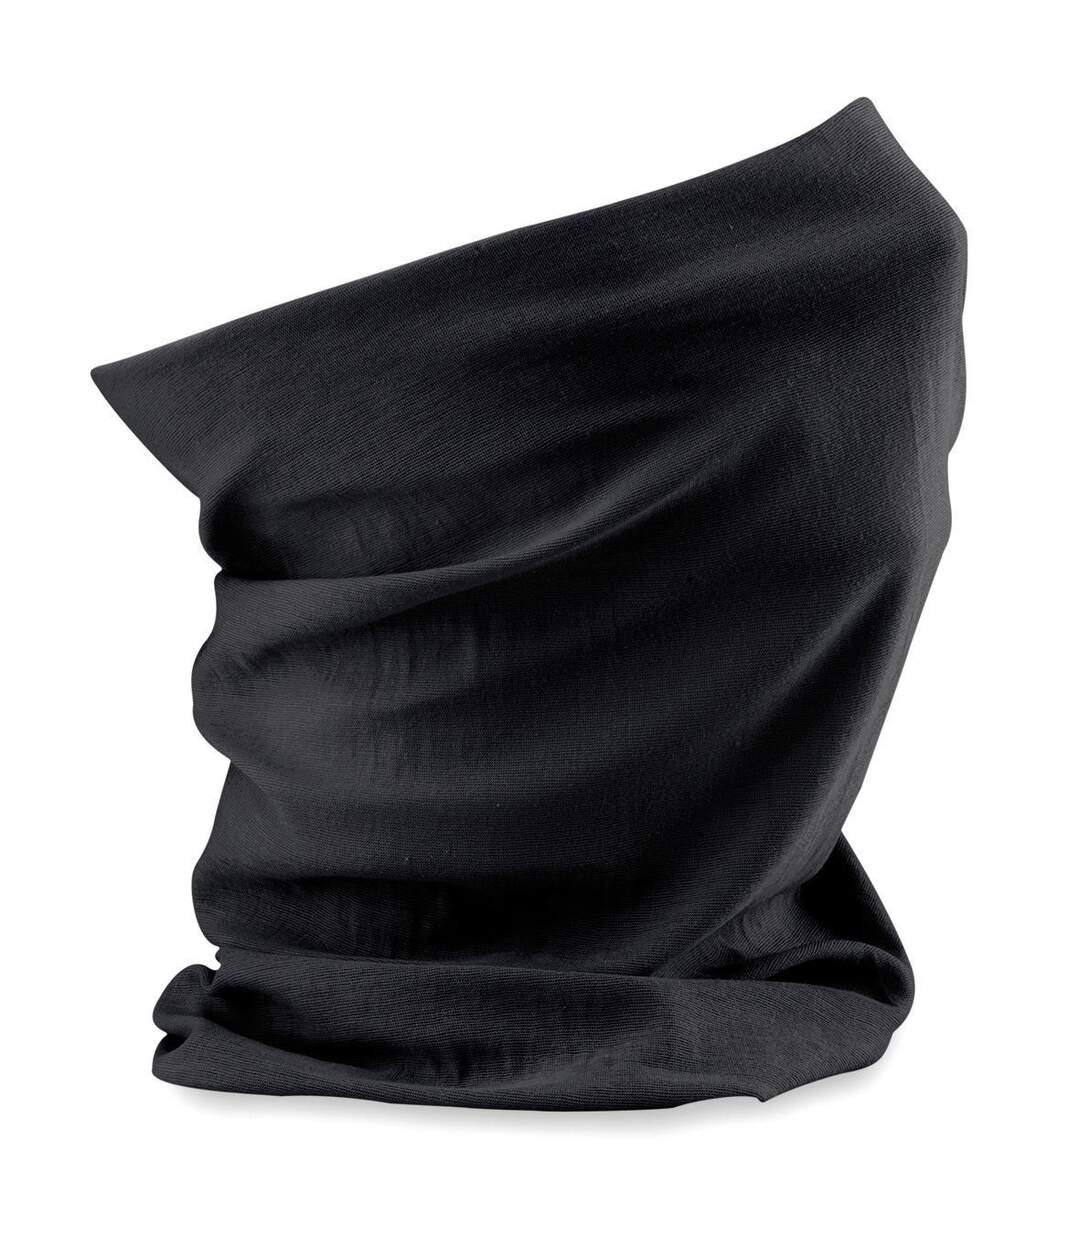 Echarpe tubulaire - tour de cou adulte - B900 - noir